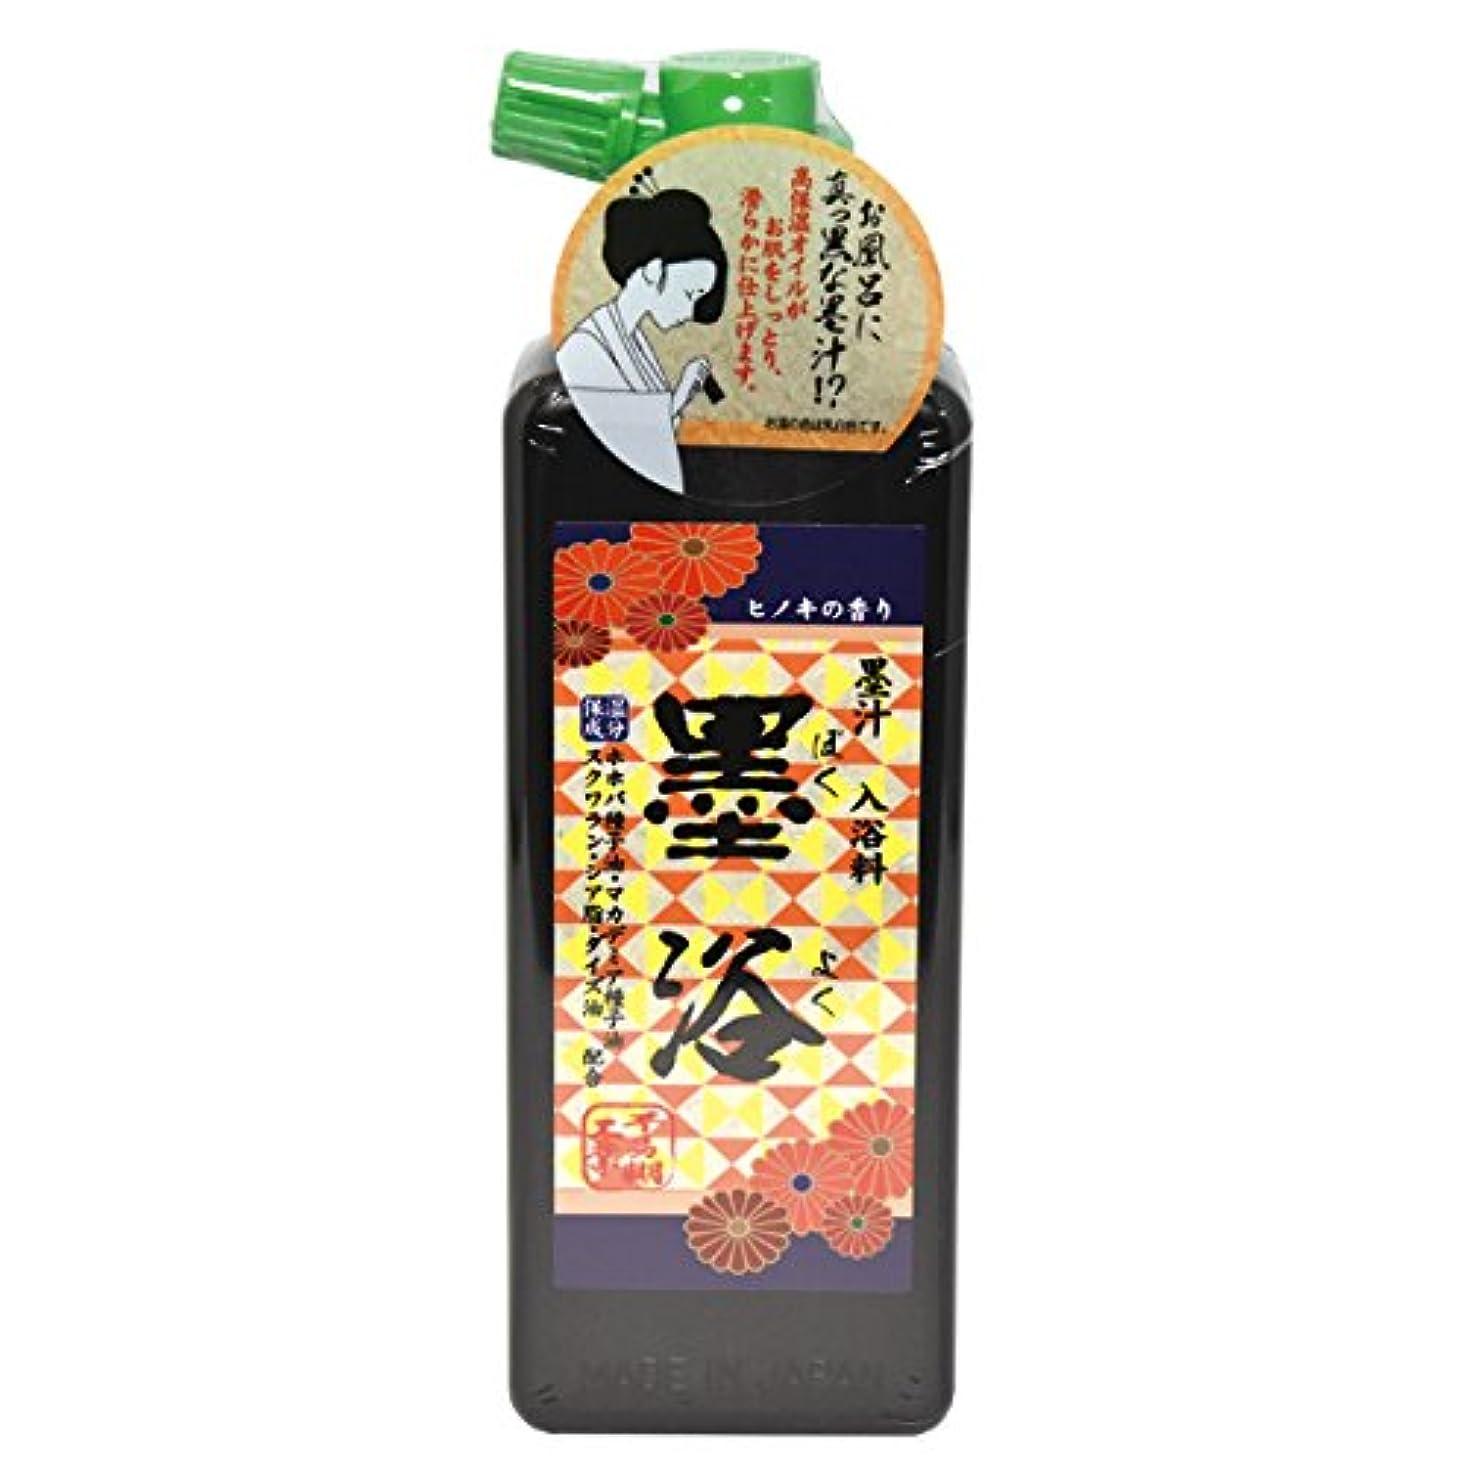 主戦艦批評墨浴 ぼくよく 入浴料 ヒノキの香り 不易糊工業 BY20